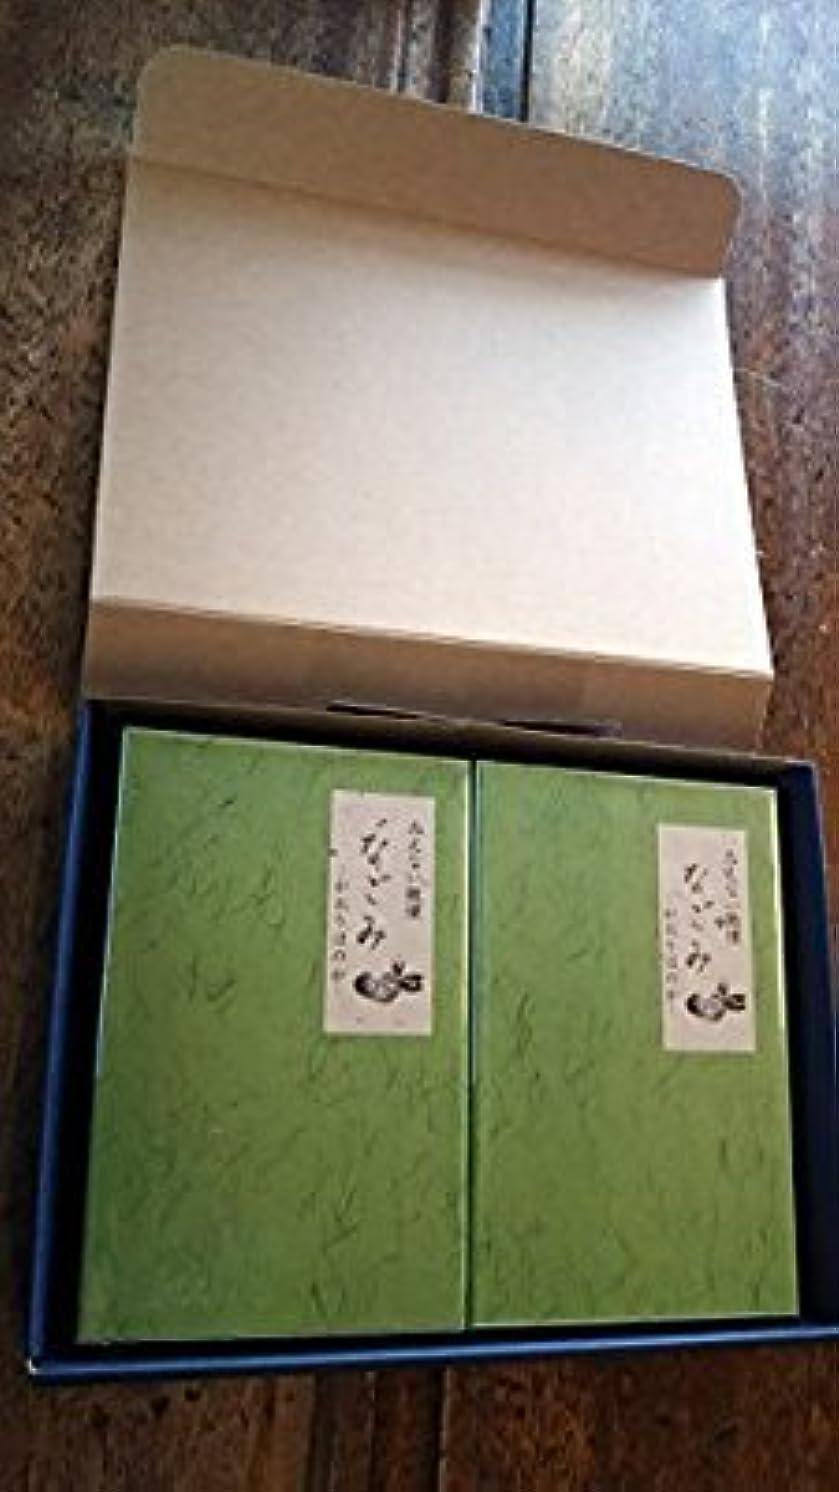 収穫引き渡す離れて淡路梅薫堂のお線香 なごみ 135g お線香贈答用 お供え物 (1セット(2箱))